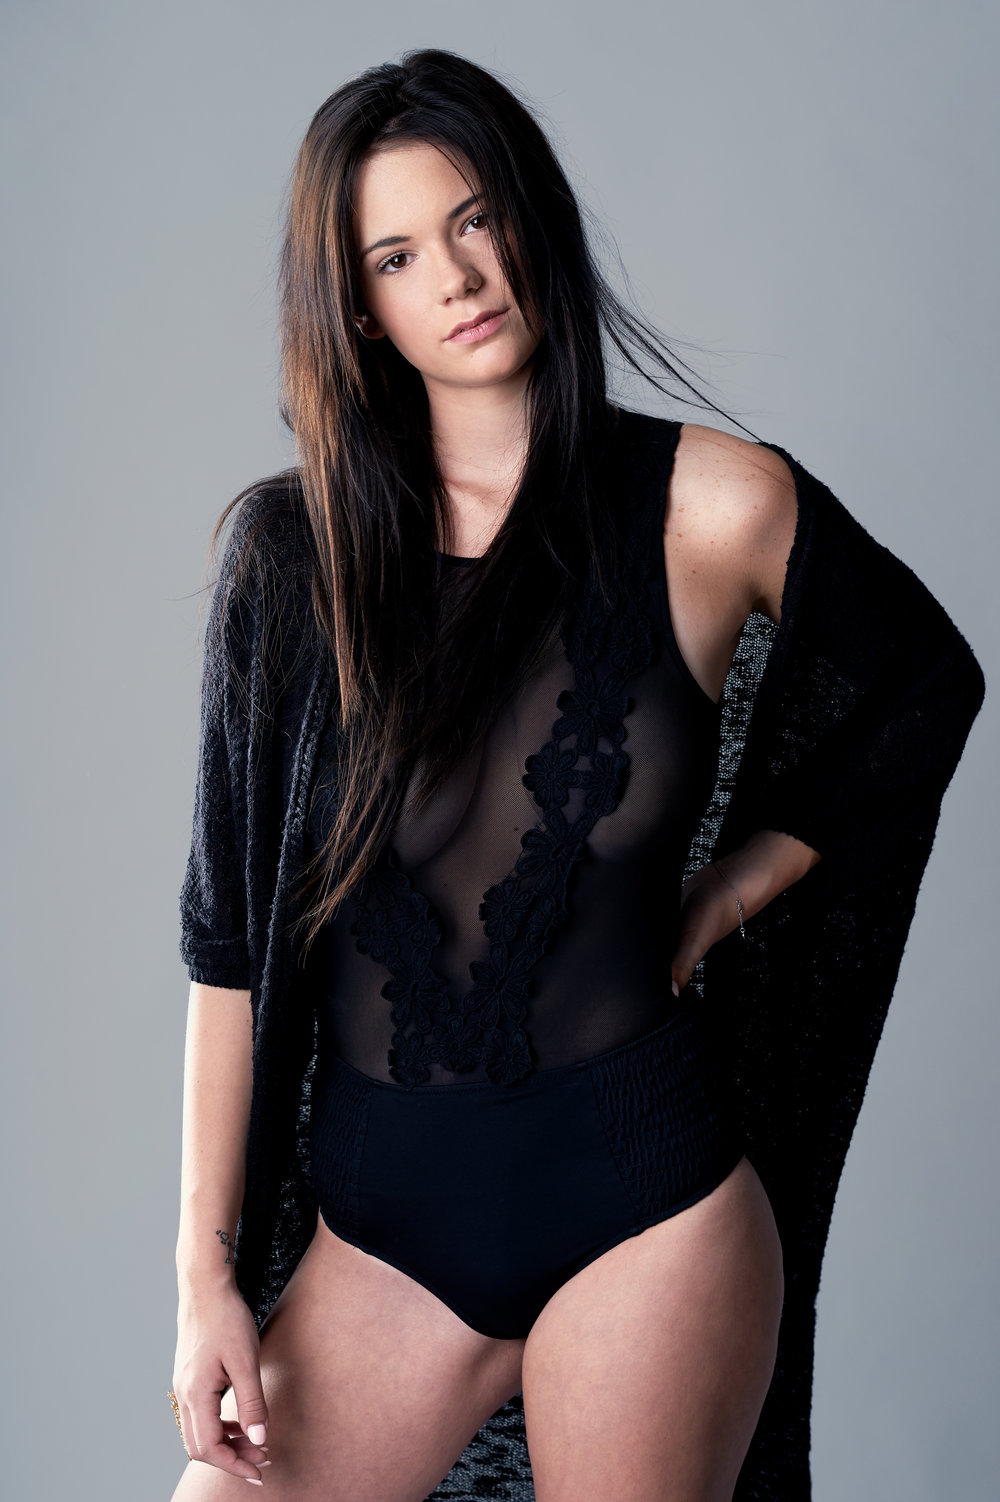 Marta-Hewson-Kathryn-Rosa-Model-Portfolio-7237.jpg